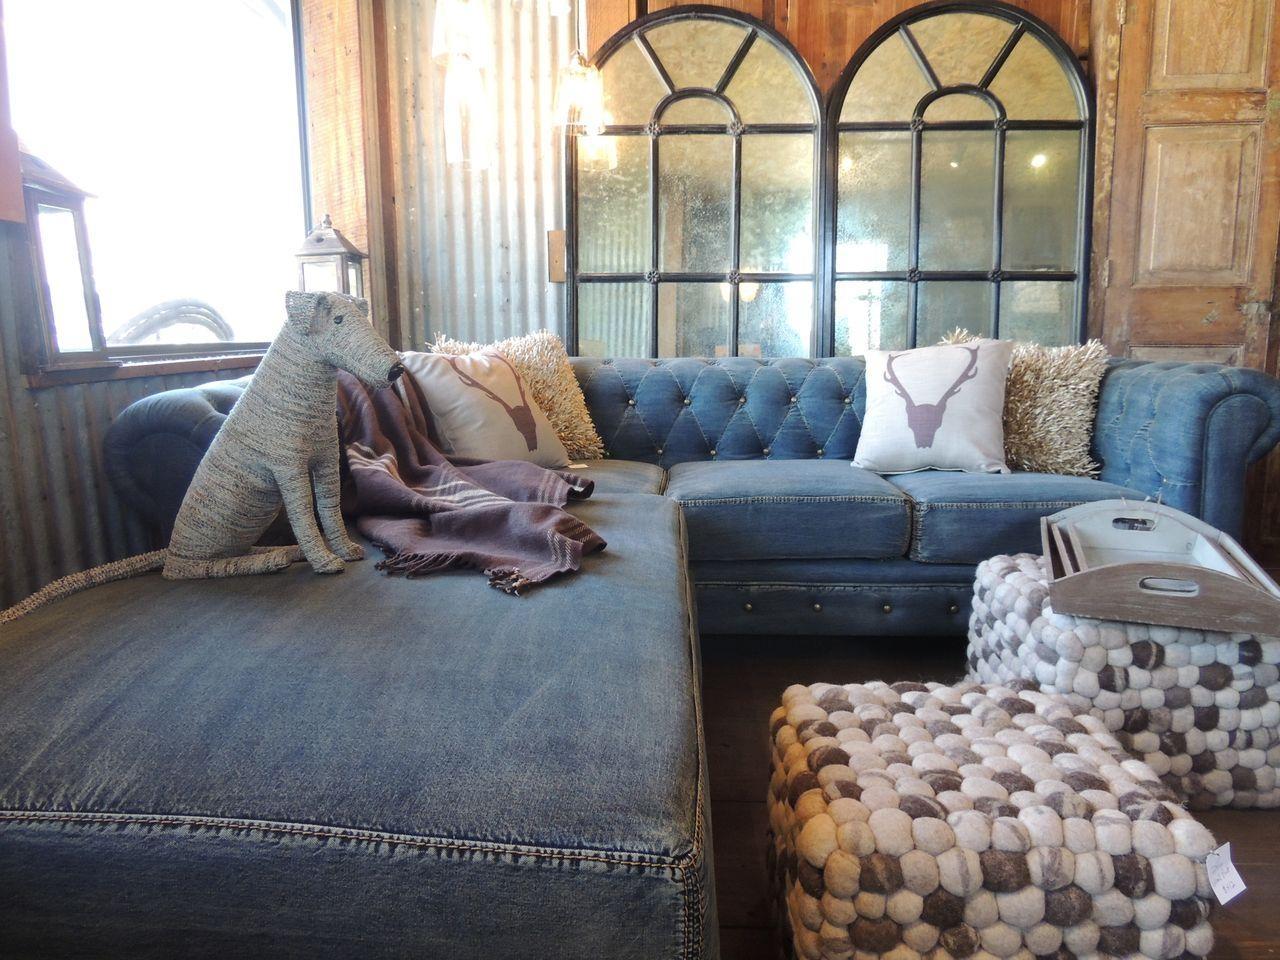 Denim Sofa Cover Ideas | Home And Garden Decor For Denim Sofa Slipcovers (View 13 of 20)